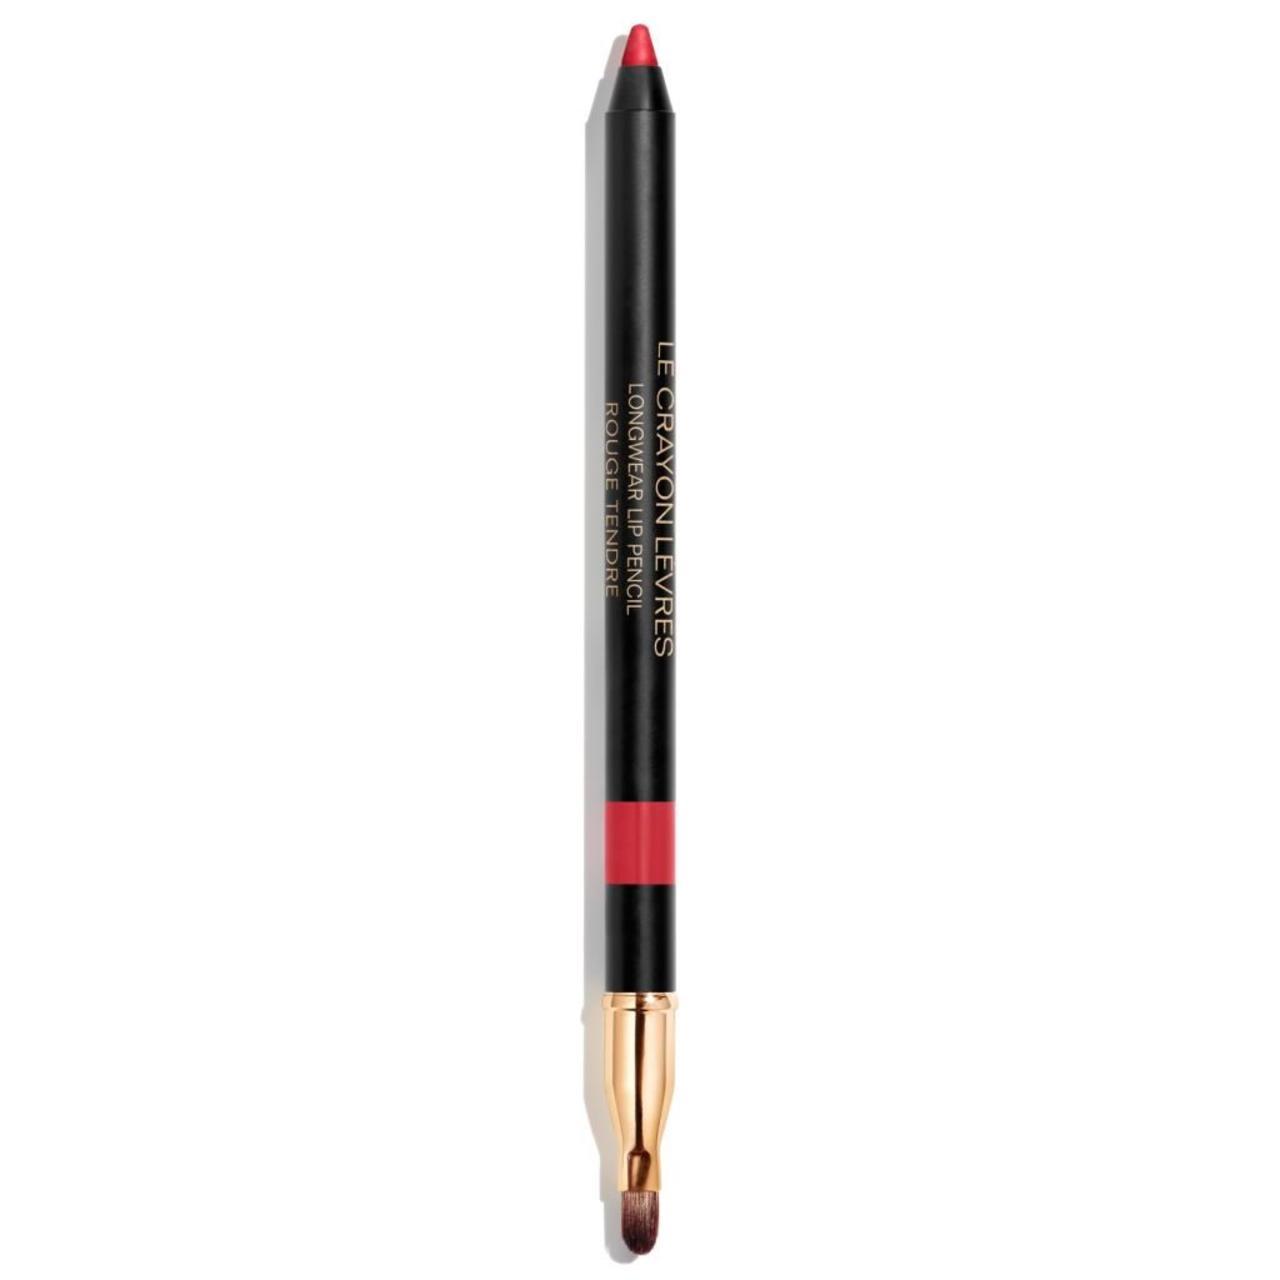 Chanel Le Crayon Lévres Longwear Lip Pencil, 4.399 kr.